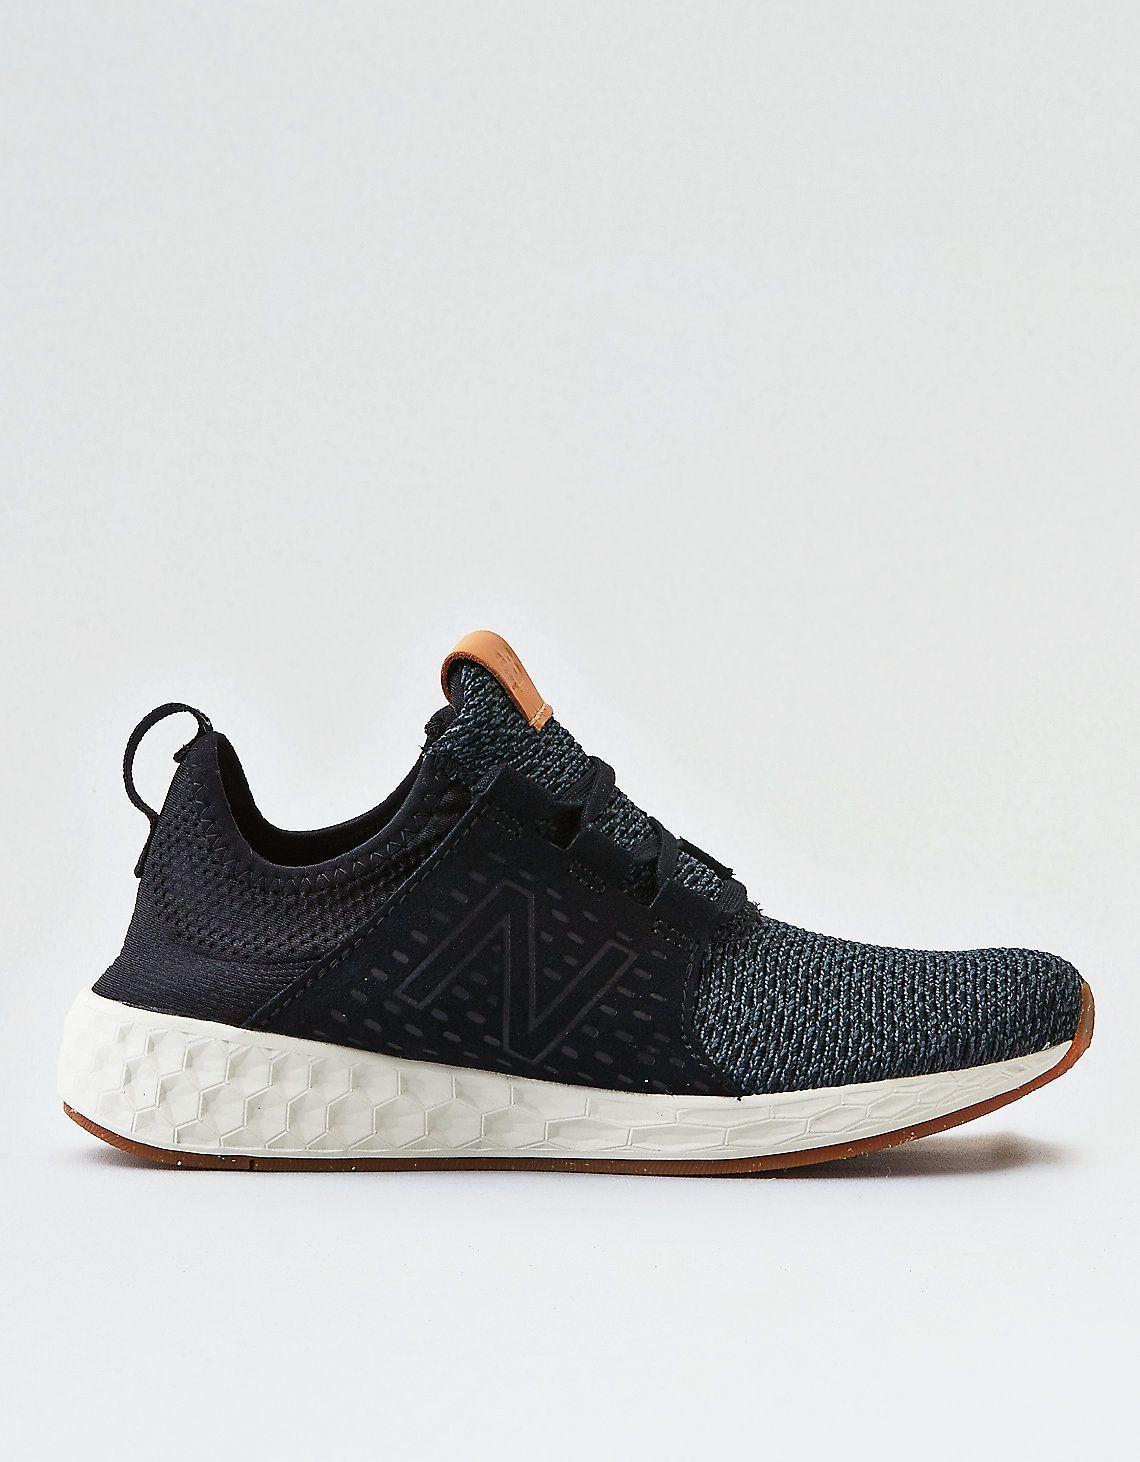 Nike Libre Cours Hommes Flyknit Uk Sandales Marine Mousse Statique Walmart fourniture gratuite d'expédition magasin pas cher P0POq